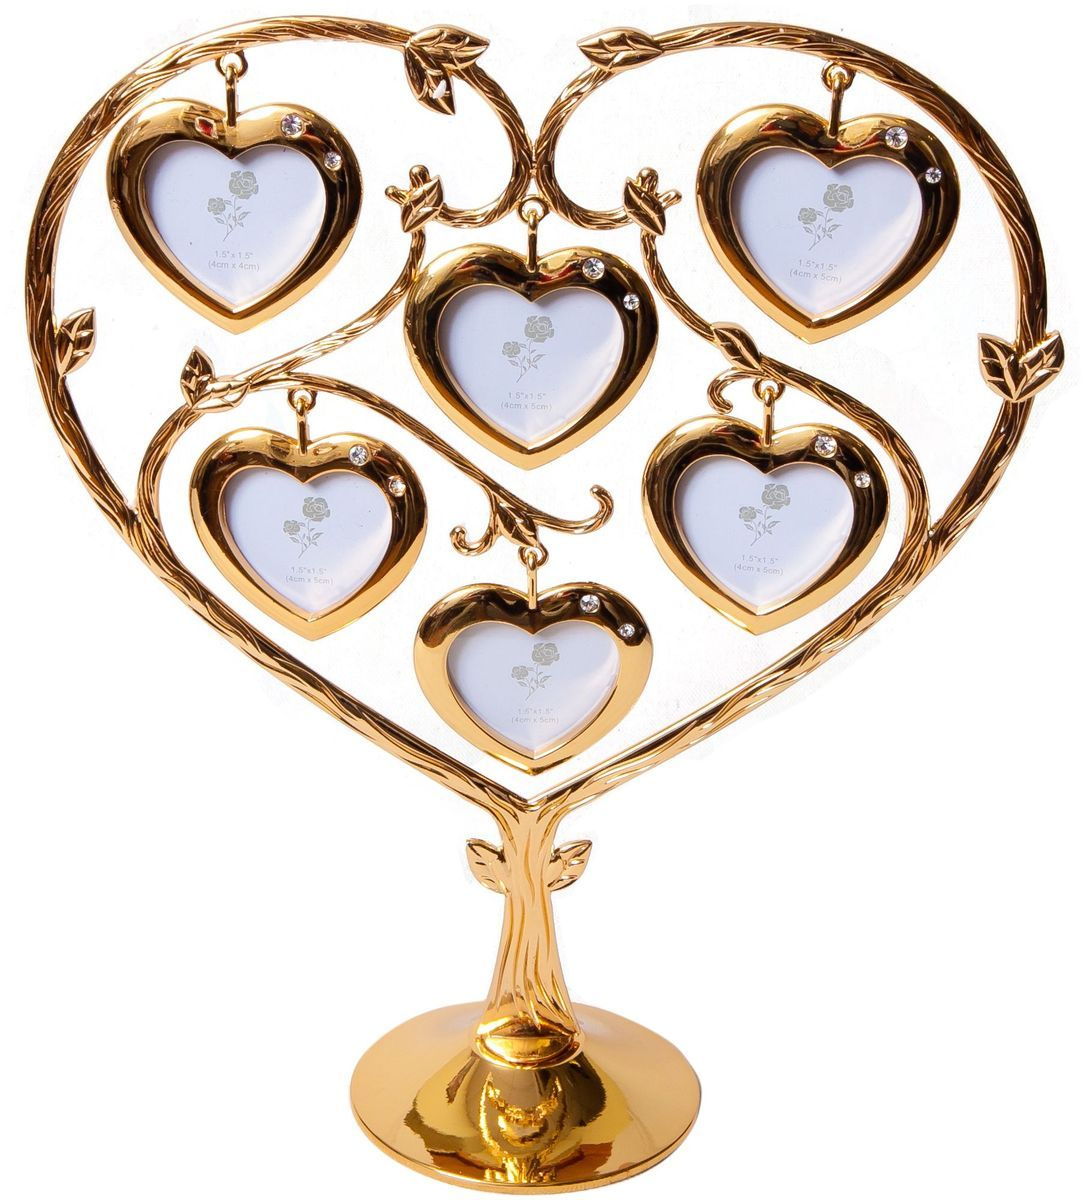 Фоторамка Platinum Дерево. Сердца, цвет: золотистый, на 6 фото, 4 x 5 см. PF9902SG фоторамки platinum quality фоторамка автобус